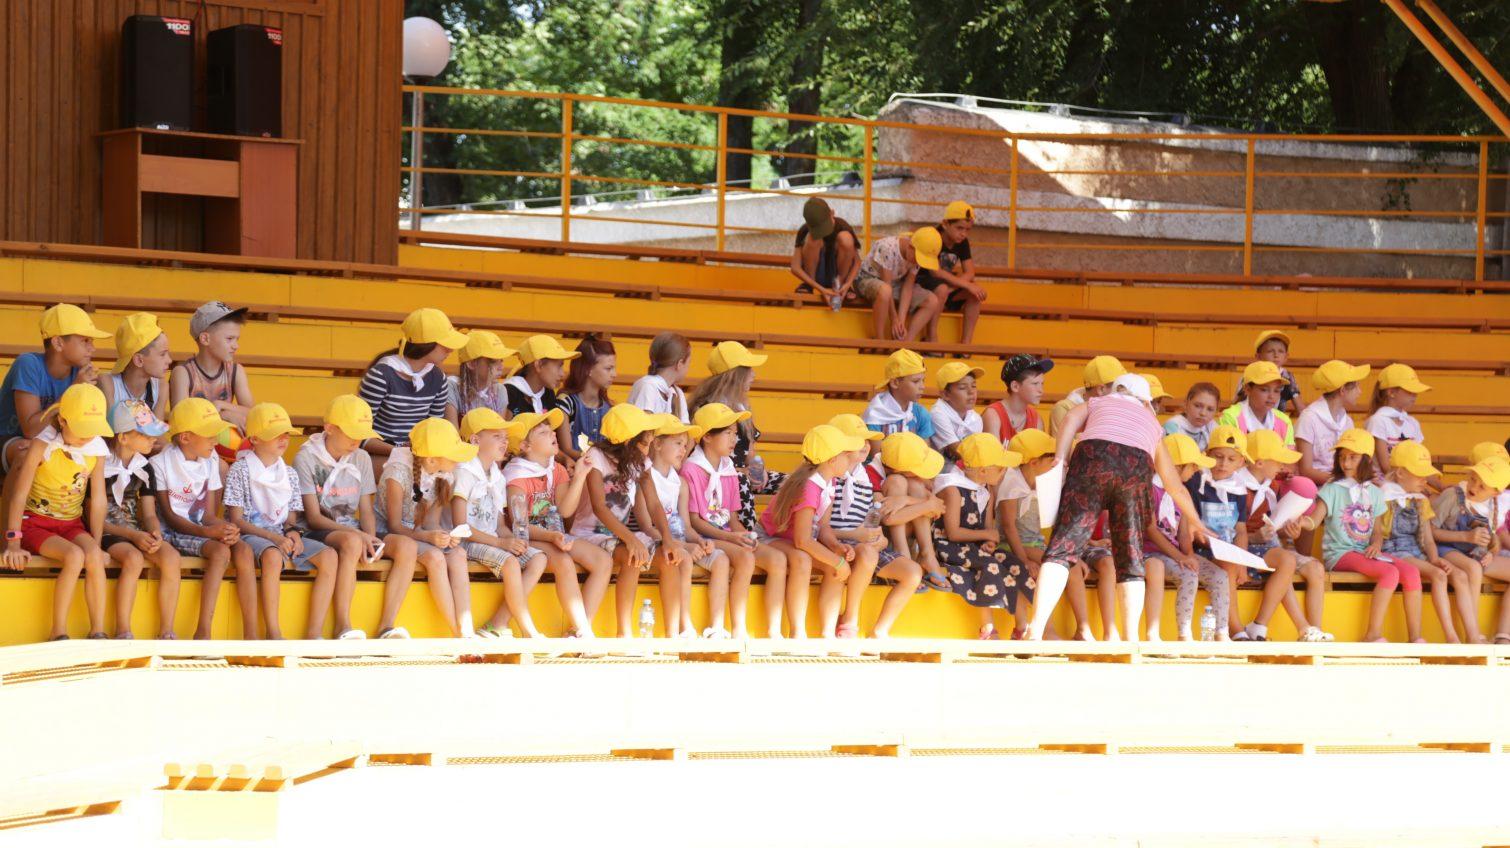 Первая смена лагеря «Виктория»: недоработанная пожарная безопасность, охрана и довольные дети (фото) «фото»